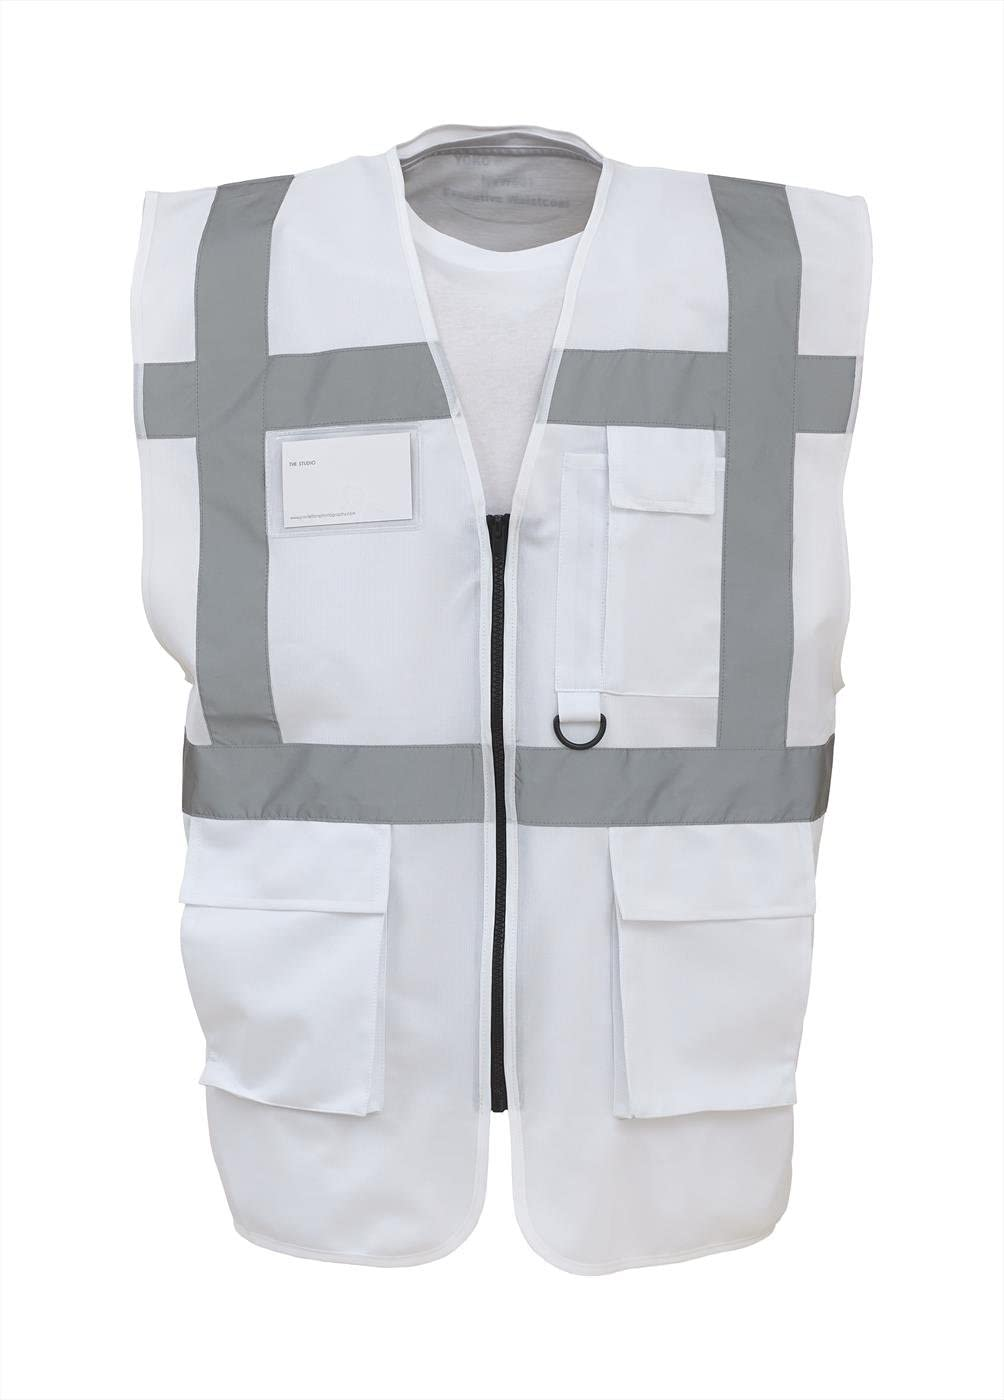 Coloured Hi Vis Executive Vest High Viz Vests Zip with Pockets XL, Yellow//Black 18 Colours